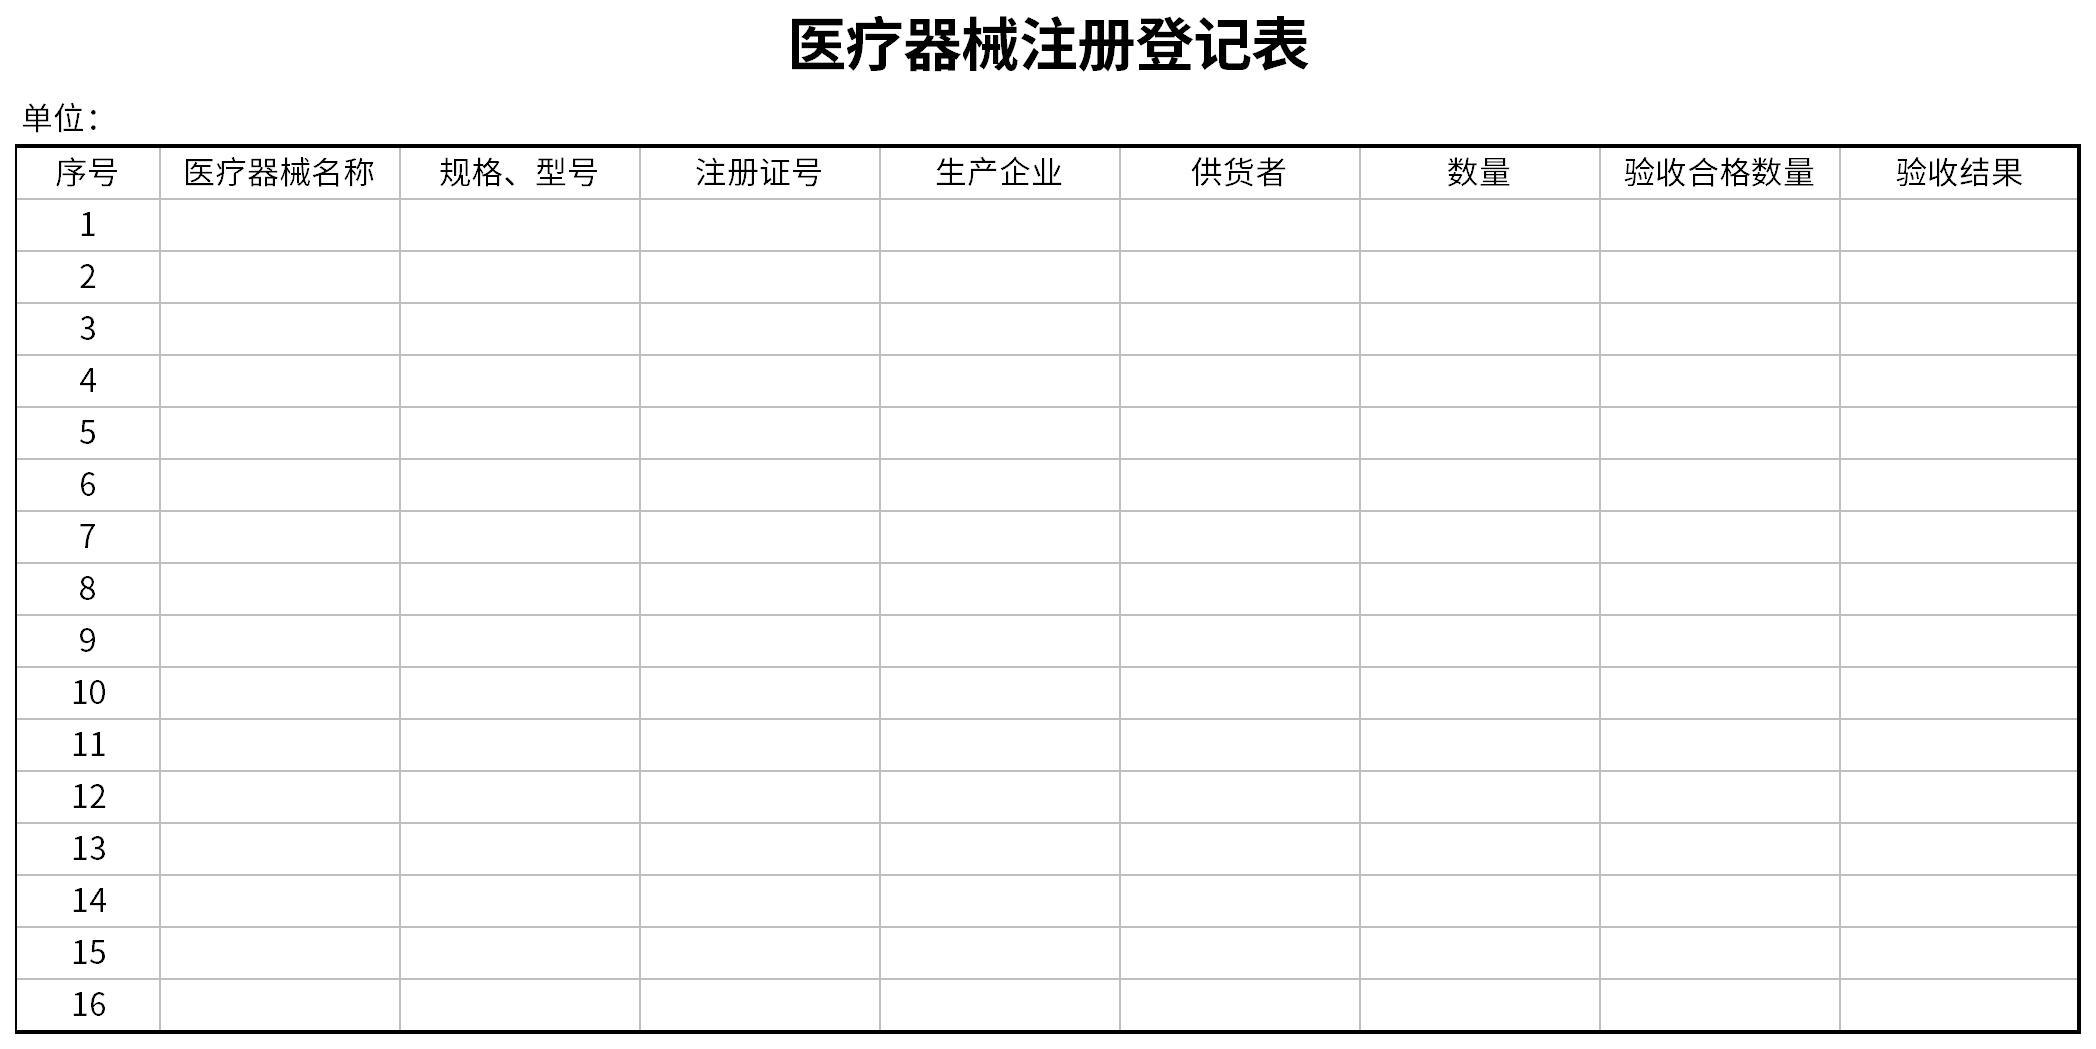 医疗器械注册登记表截图